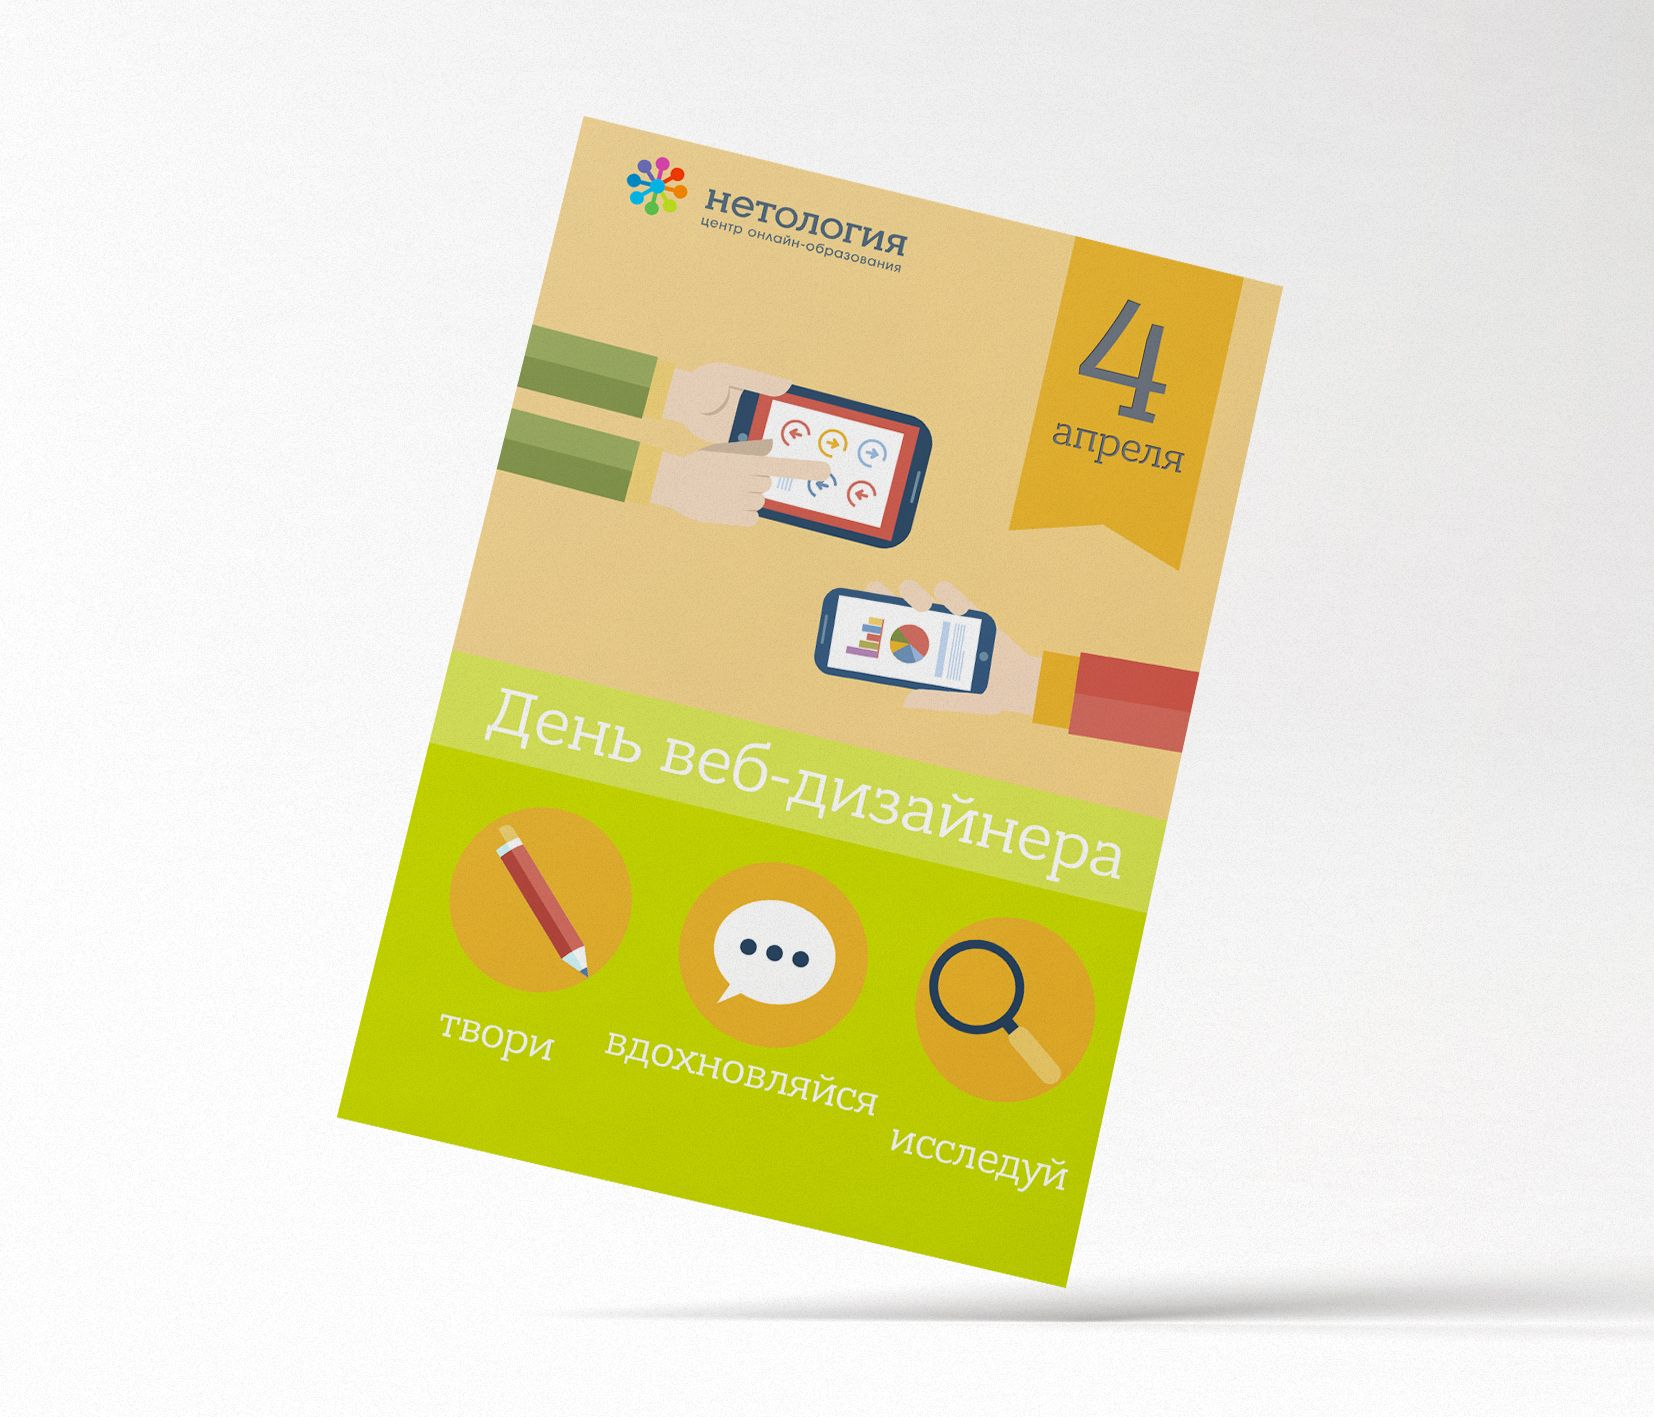 Дизайн открытки. Приз – онлайн-курс по веб-дизайну - дизайнер AlbinaCholak